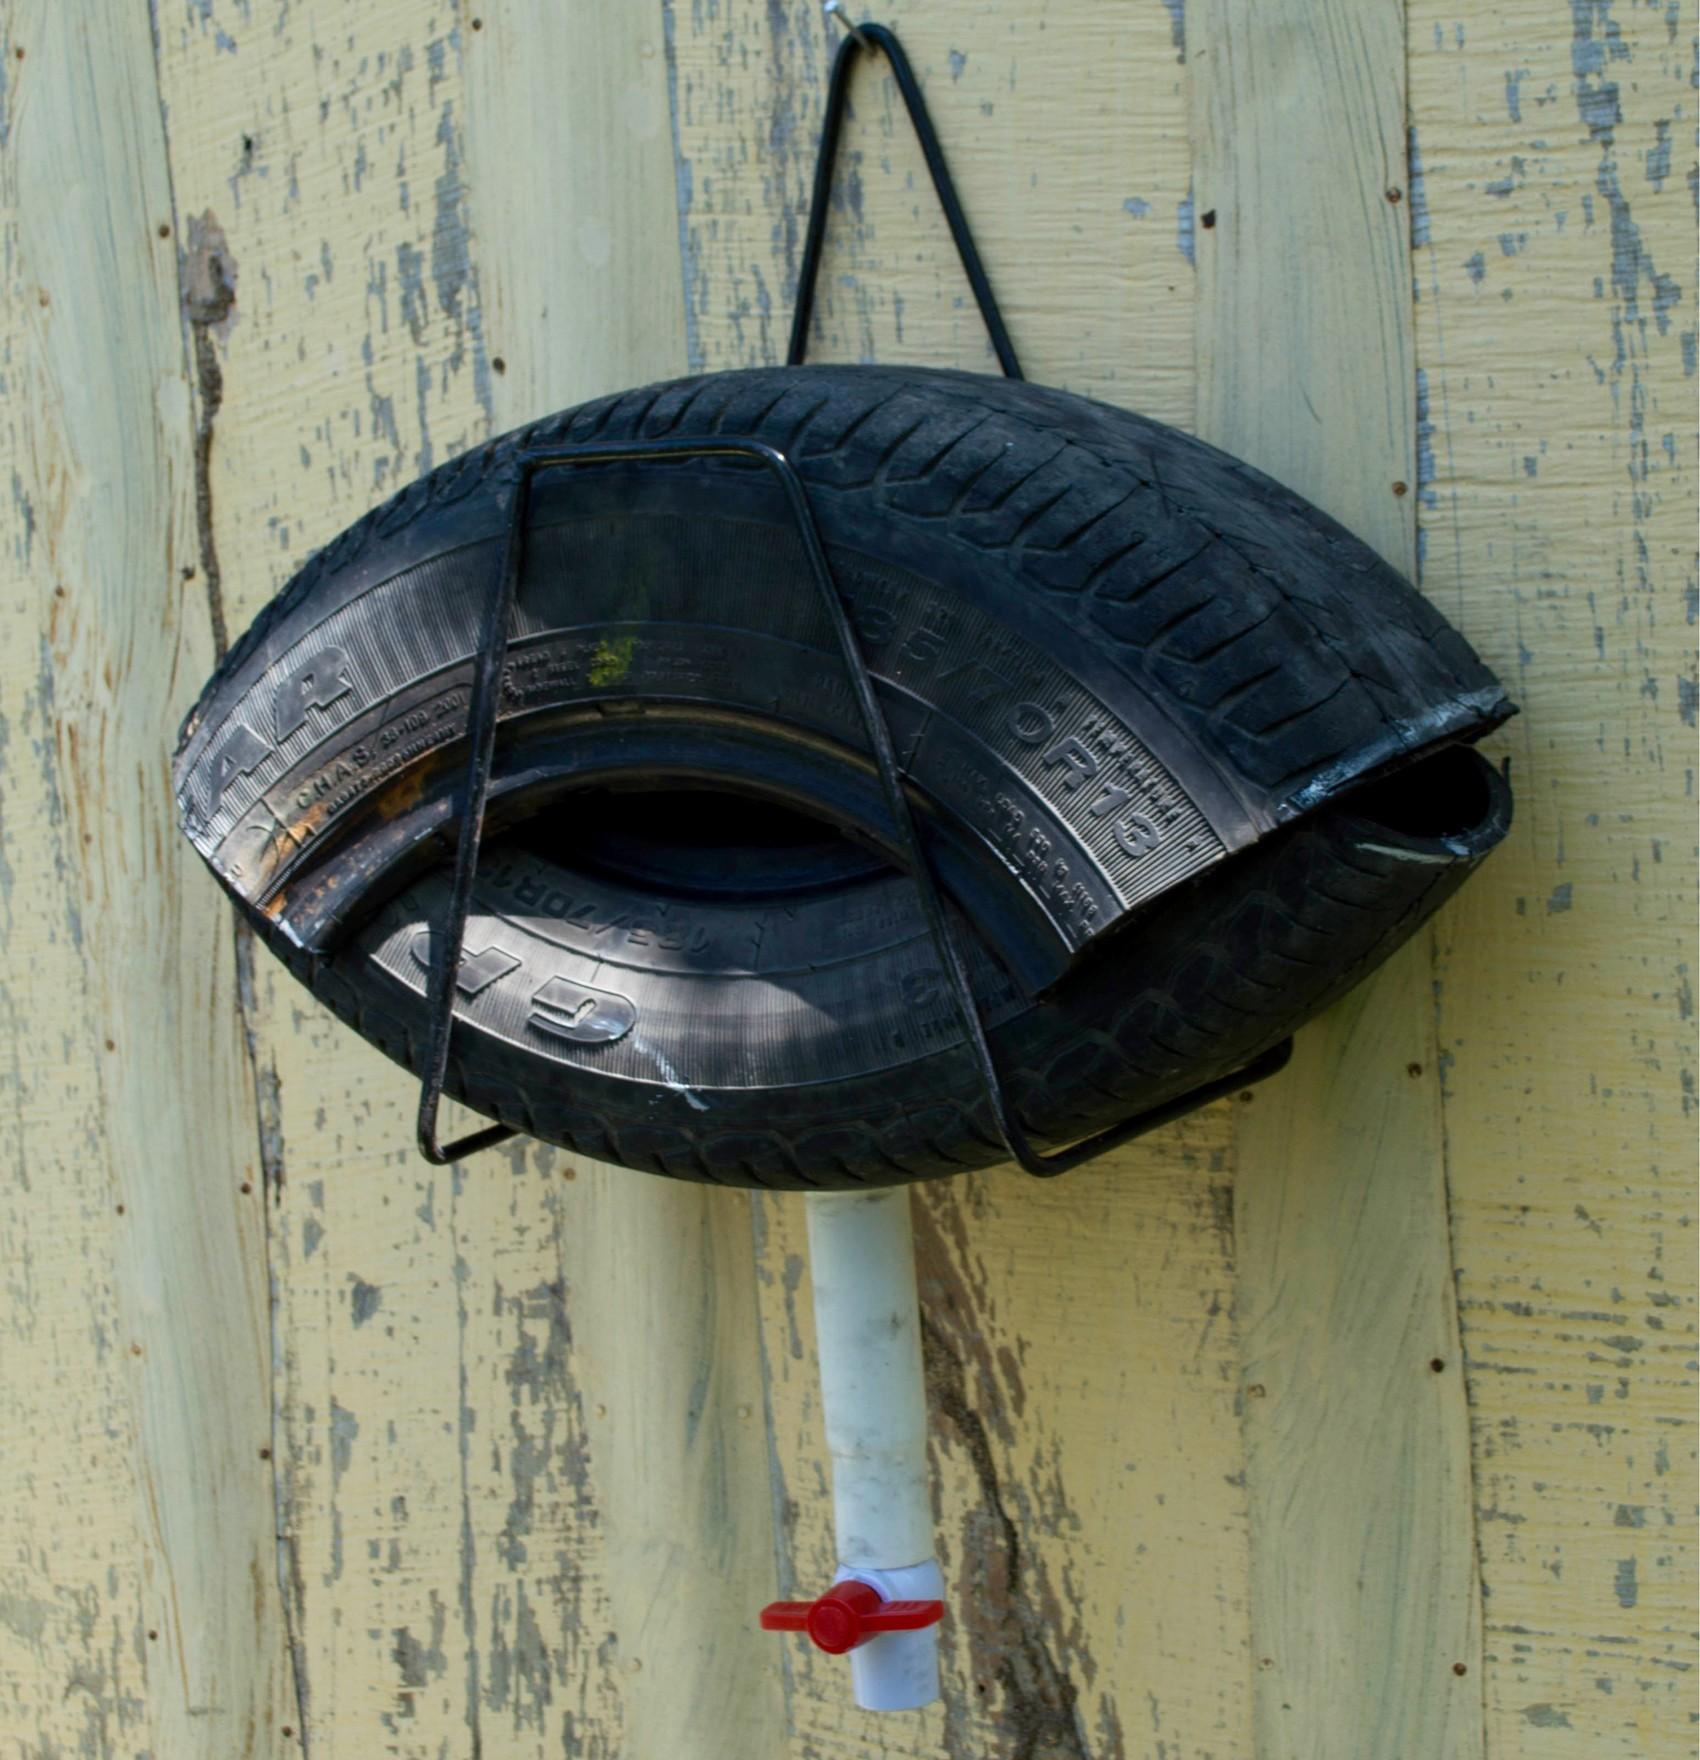 Armadilha batizada de 'ovillanta' é montada com pneus velhos e é capaz de capturar ovos de Aedes aegyti, que devem ser destruídos em seguida  (Foto: Daniel Pinelo/Divulgação)